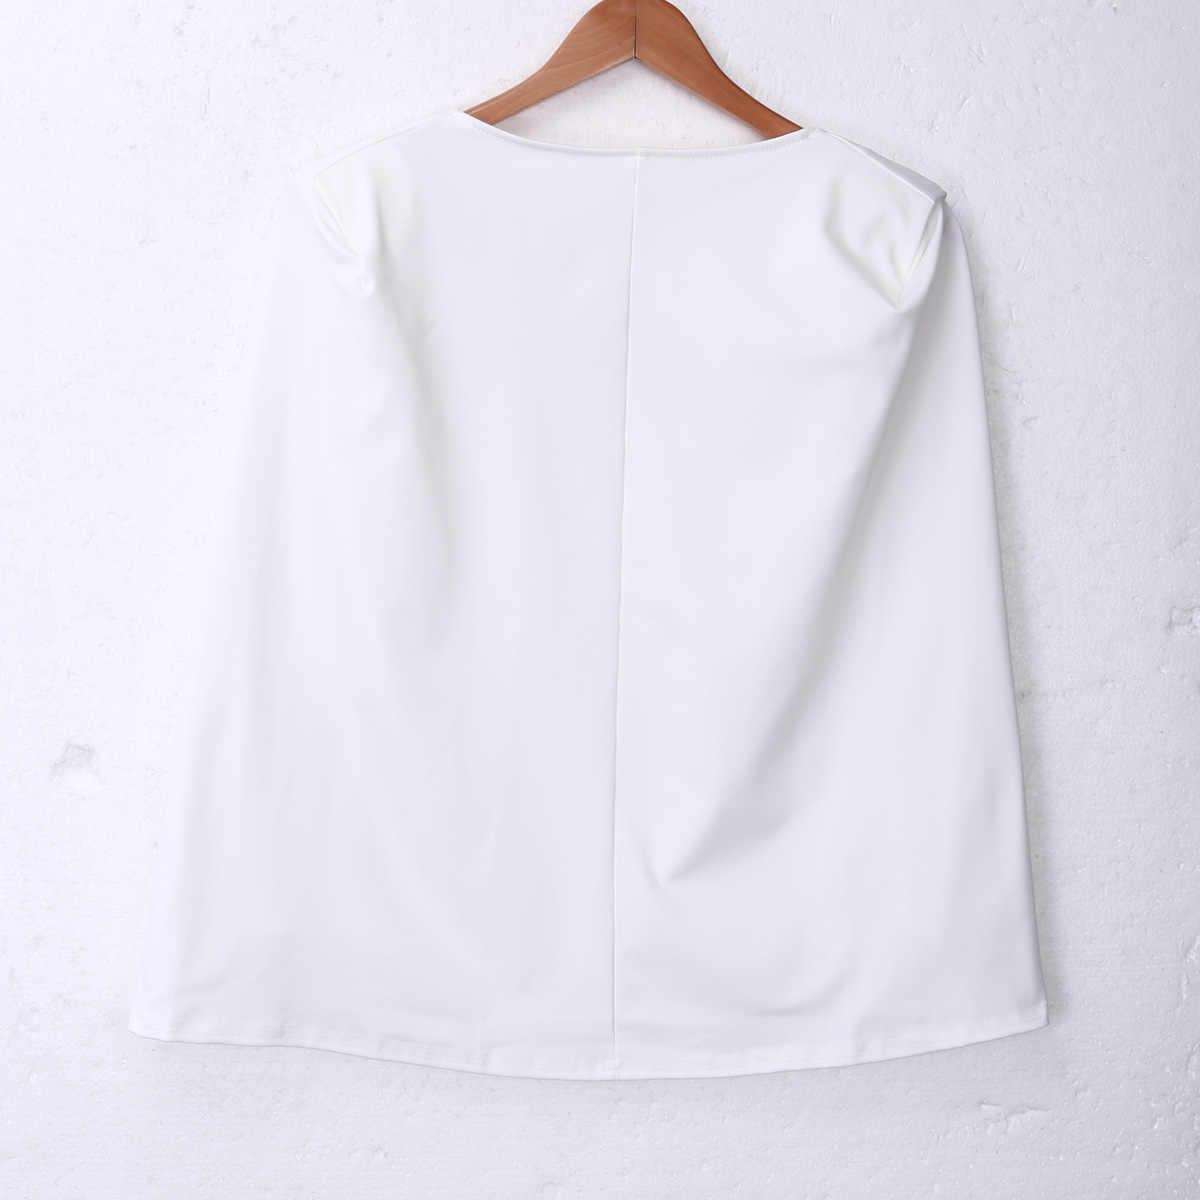 ファッションブレザー女性のコート白黒ラペルスプリットロングスリーブポケット固体カジュアルスーツジャケット作業服